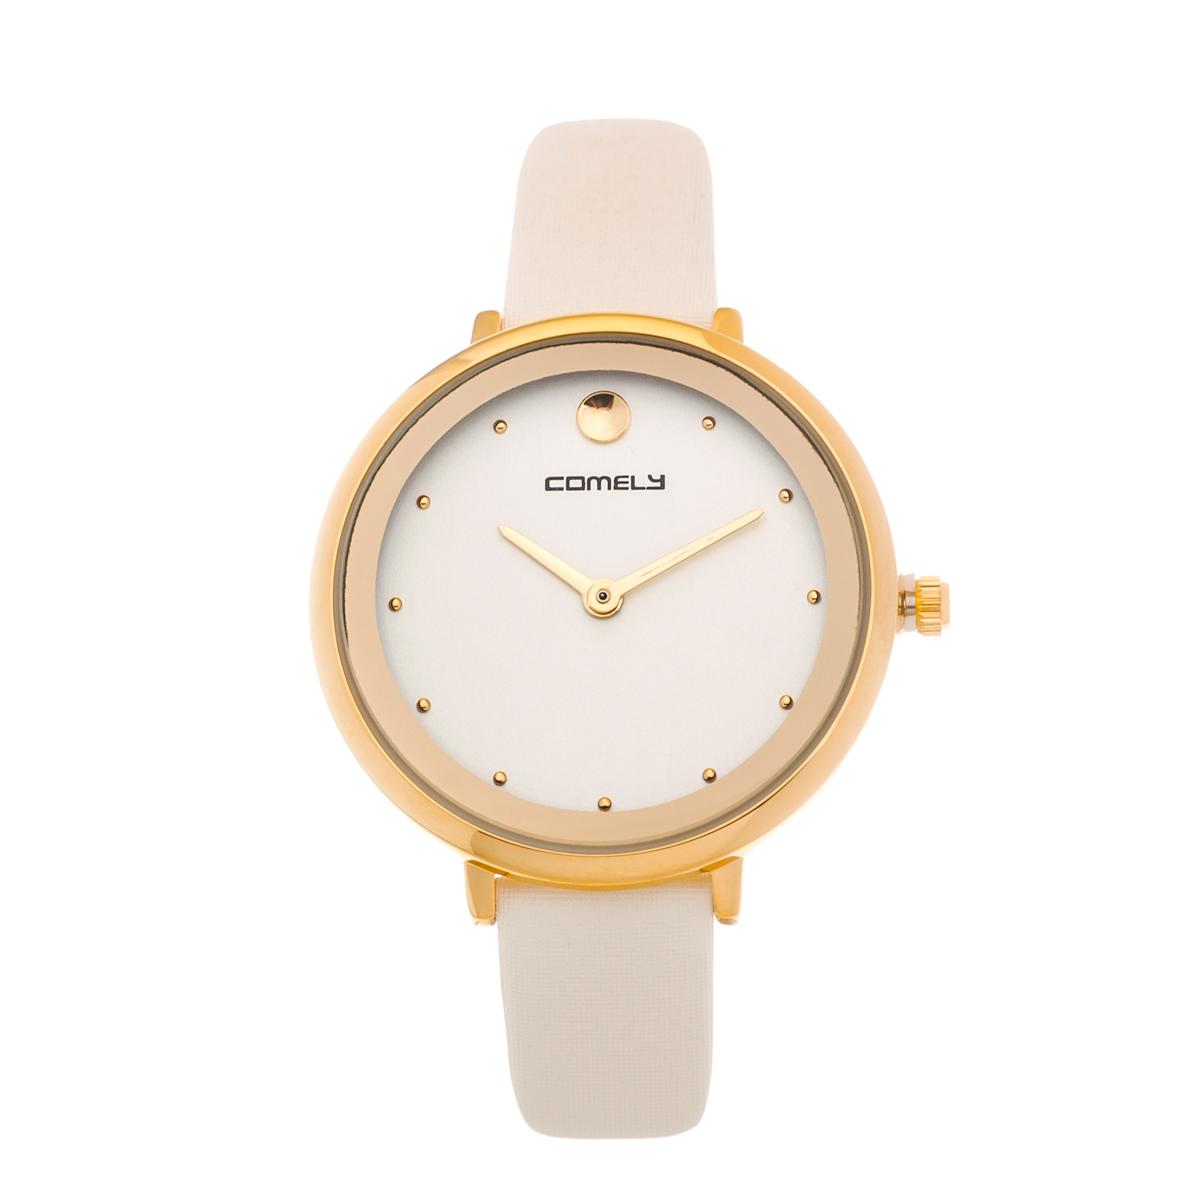 ساعت مچی عقربه ای زنانه کاملی کد W1125 41